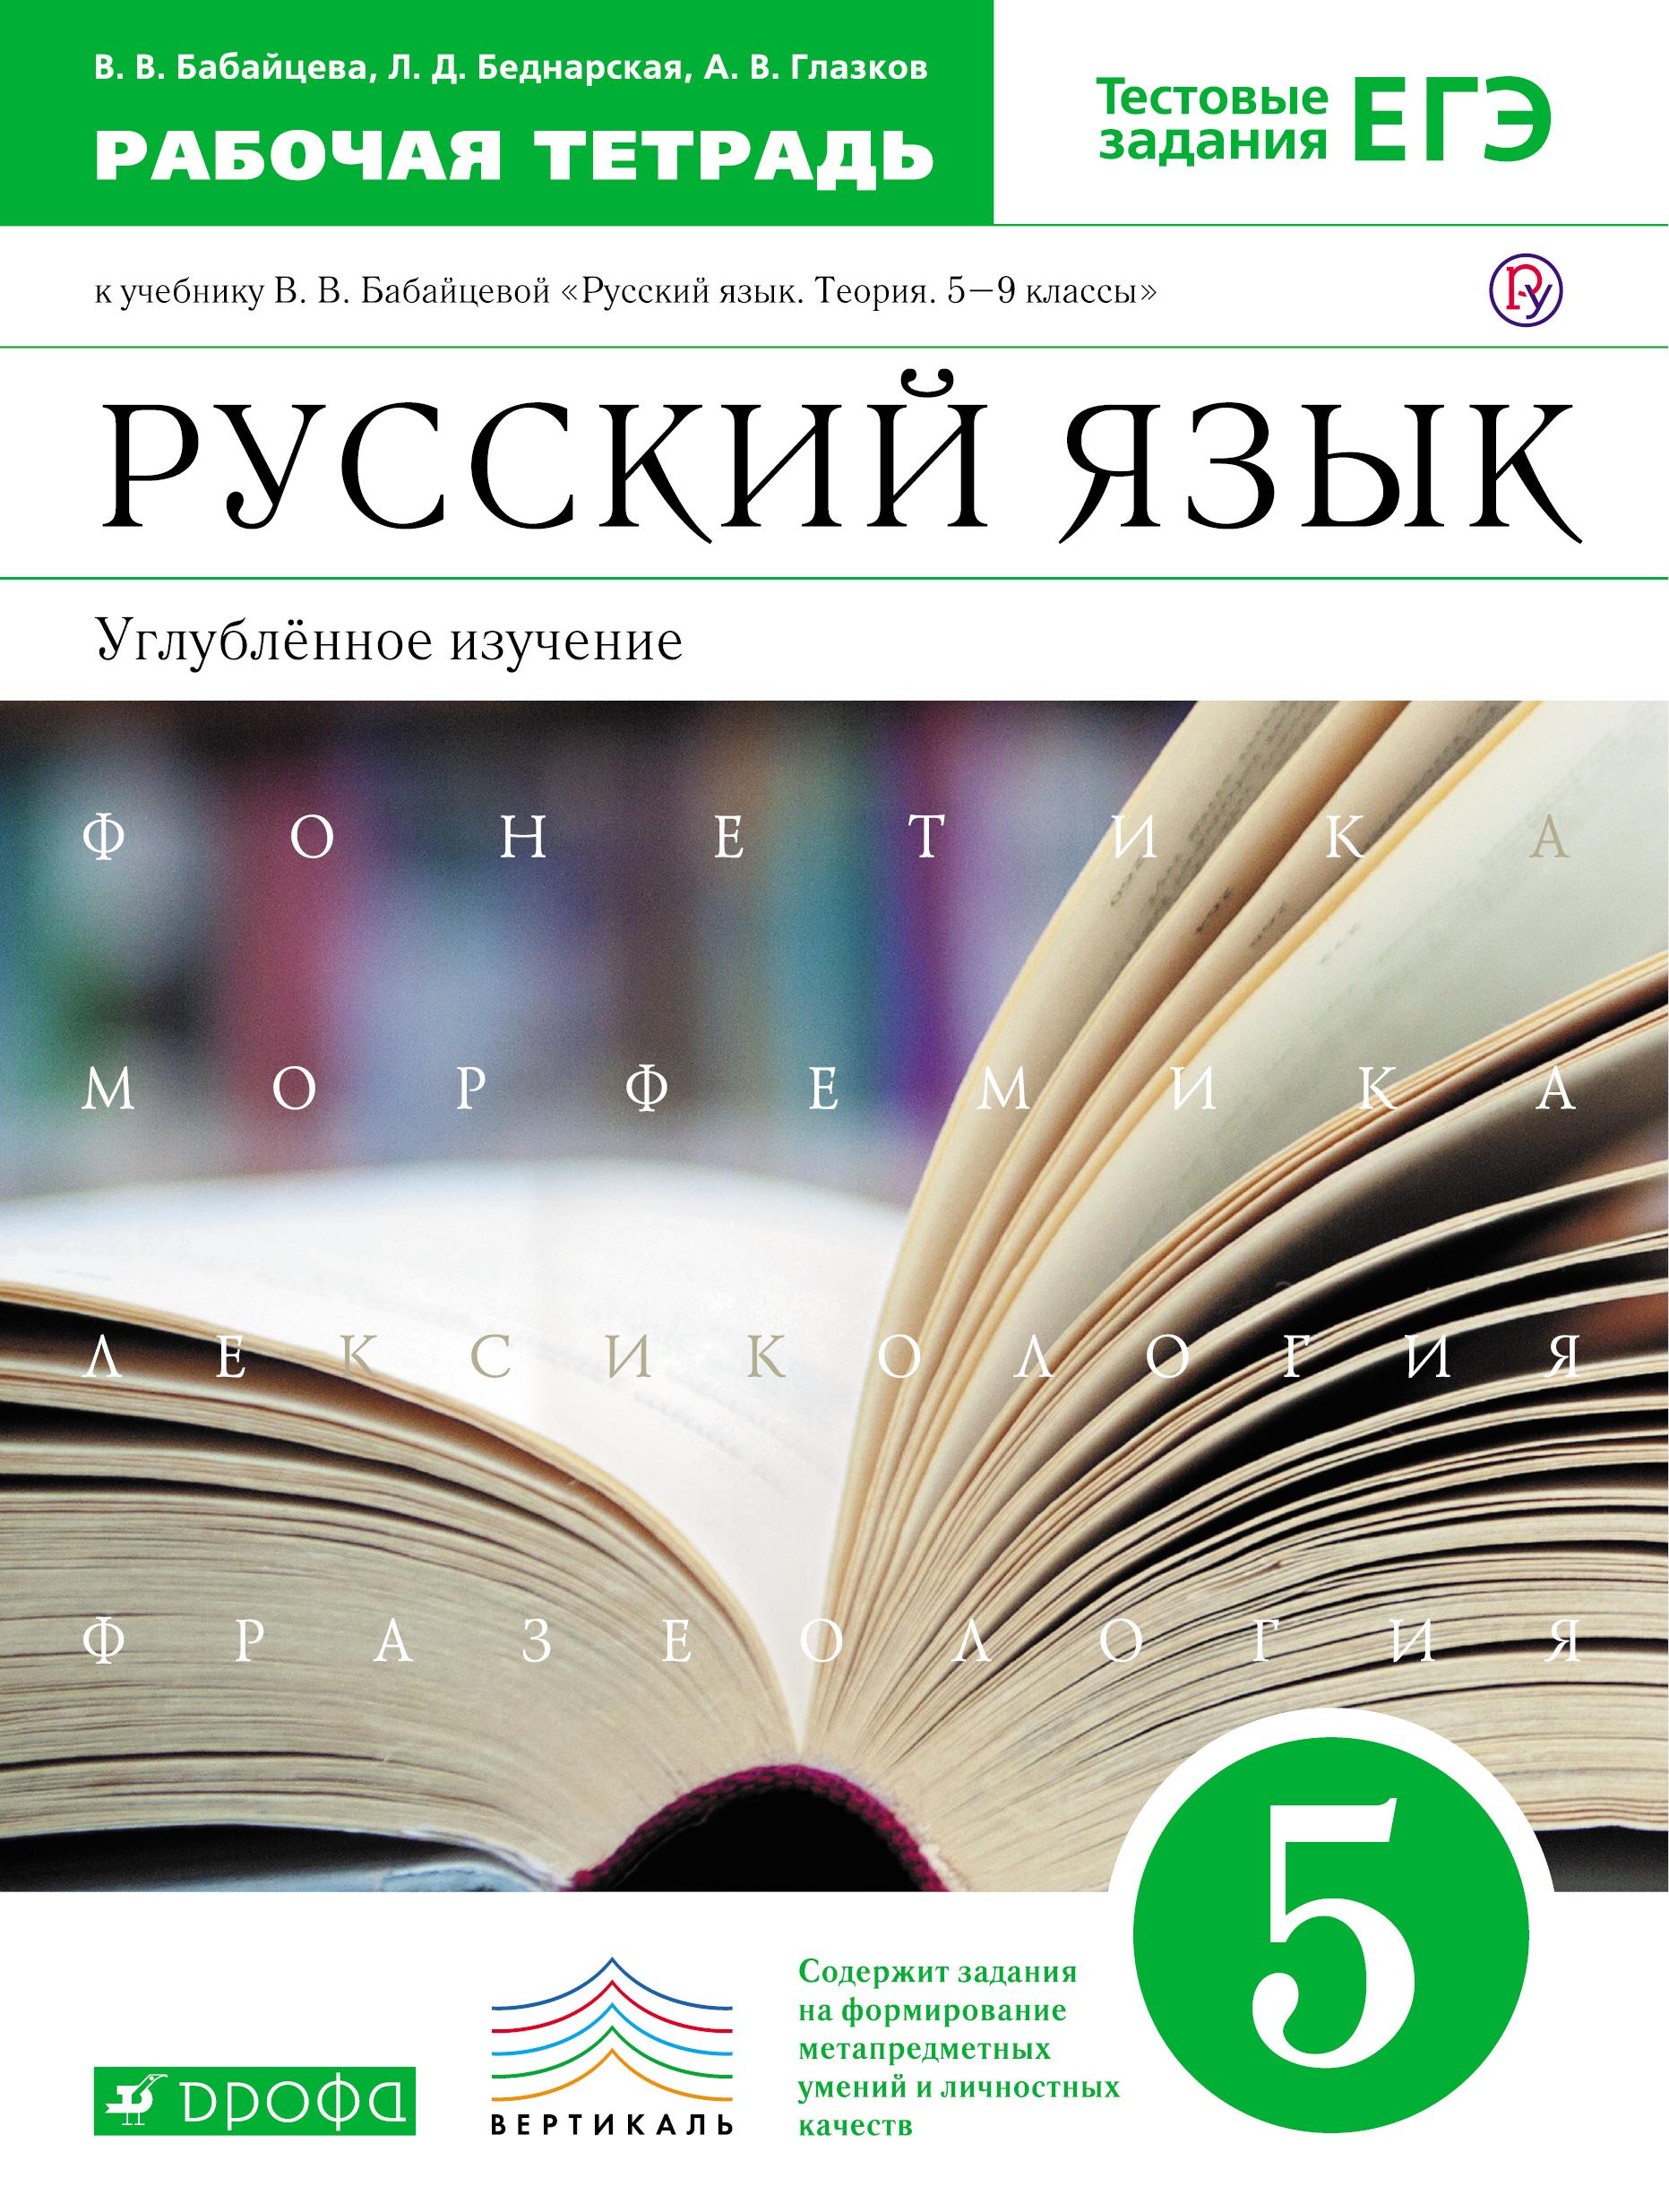 Готовые домашние задания по английскому языку биболетова класс бесплатно вп гейдман иамишарина